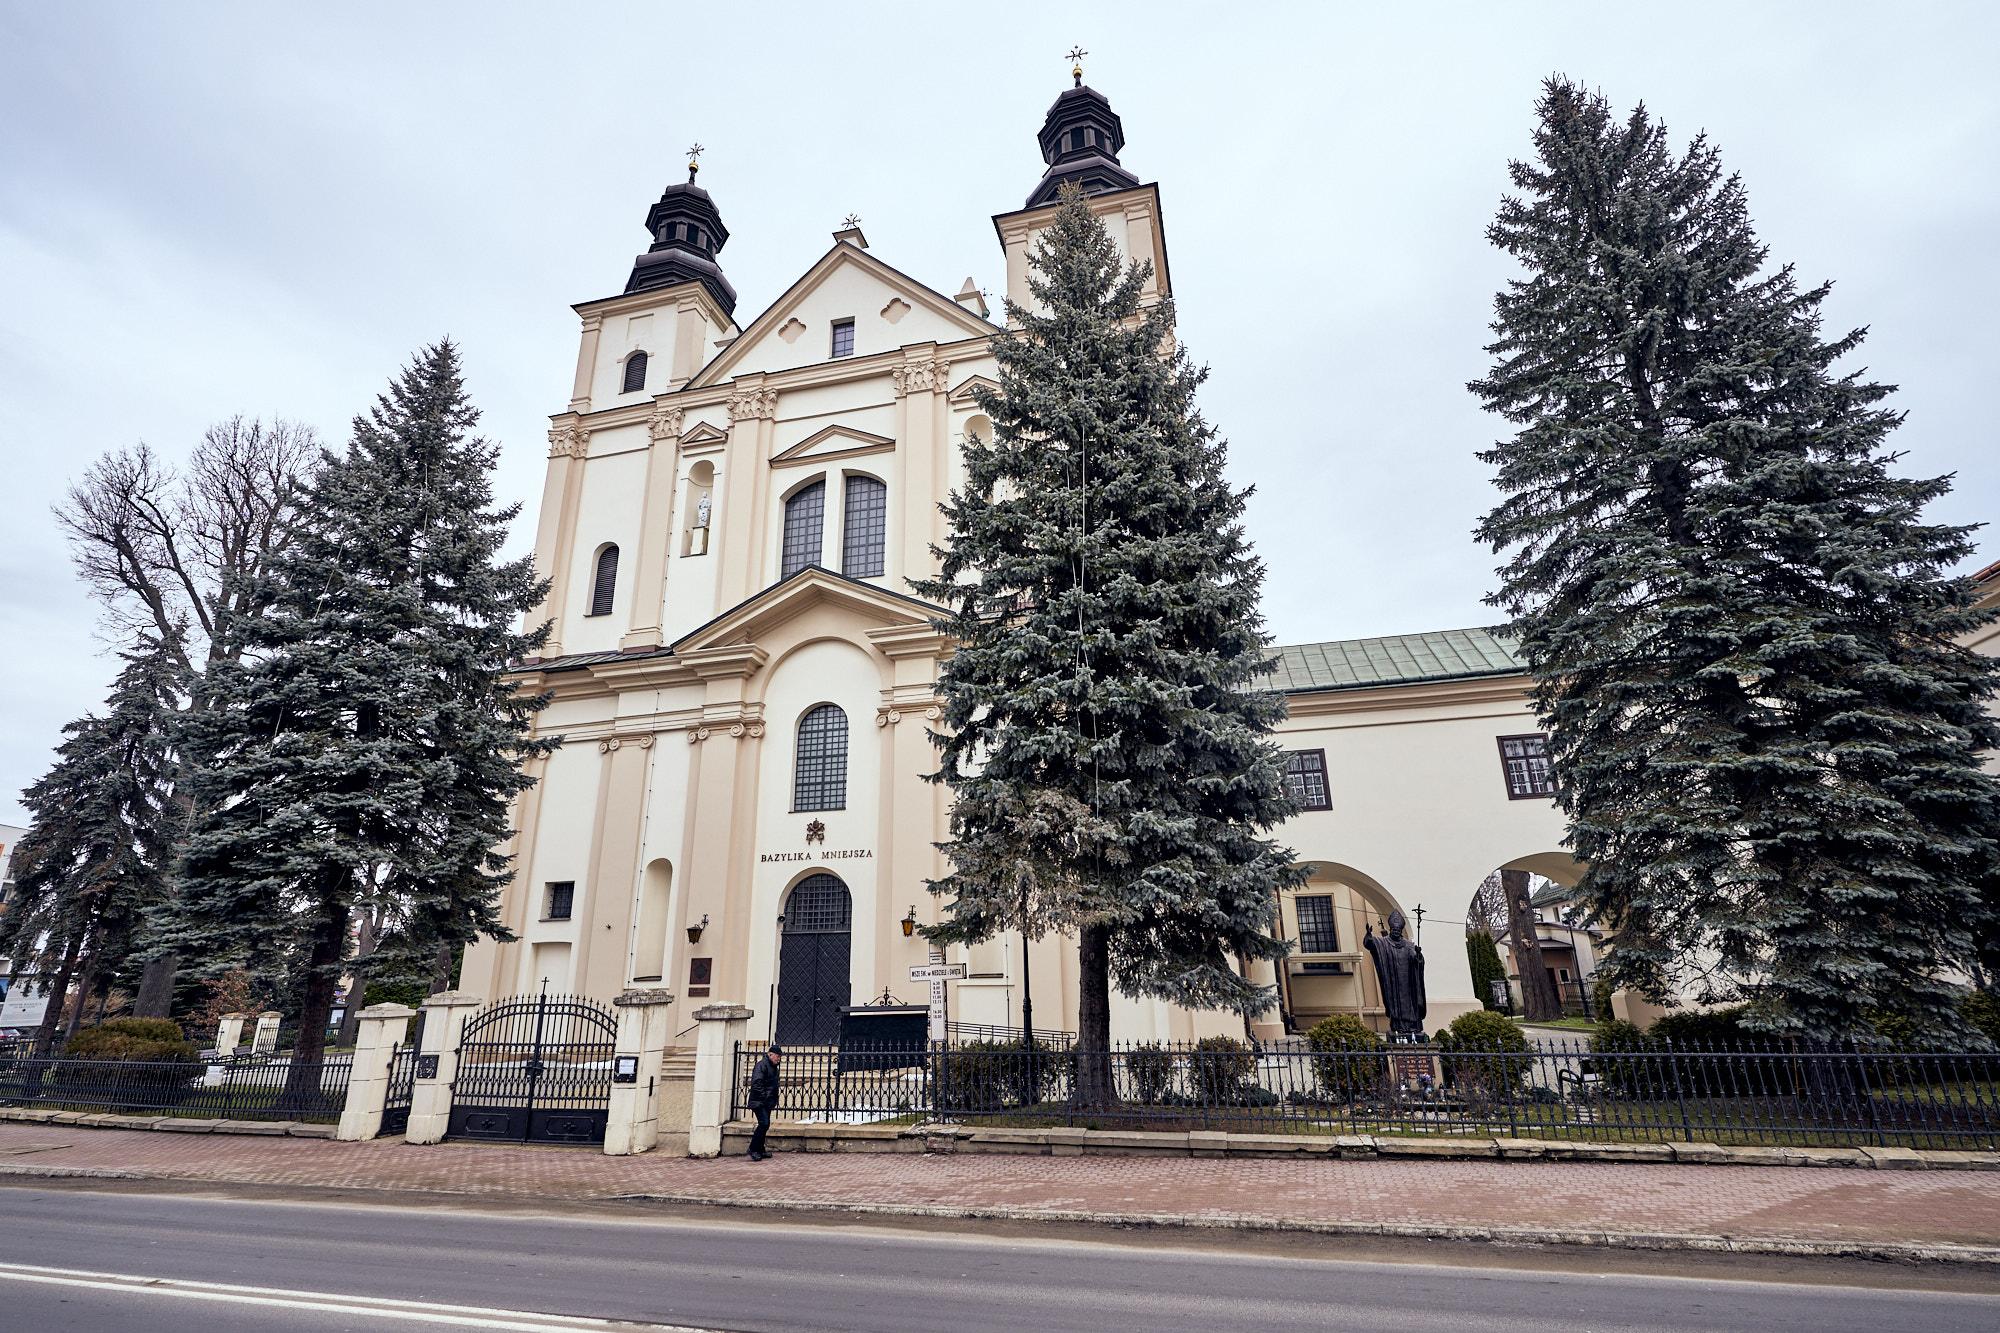 Zabytkowy kościół z dwoma wieżami. Elewacja koloru beżowego. Przed kościołem rosną drzewa